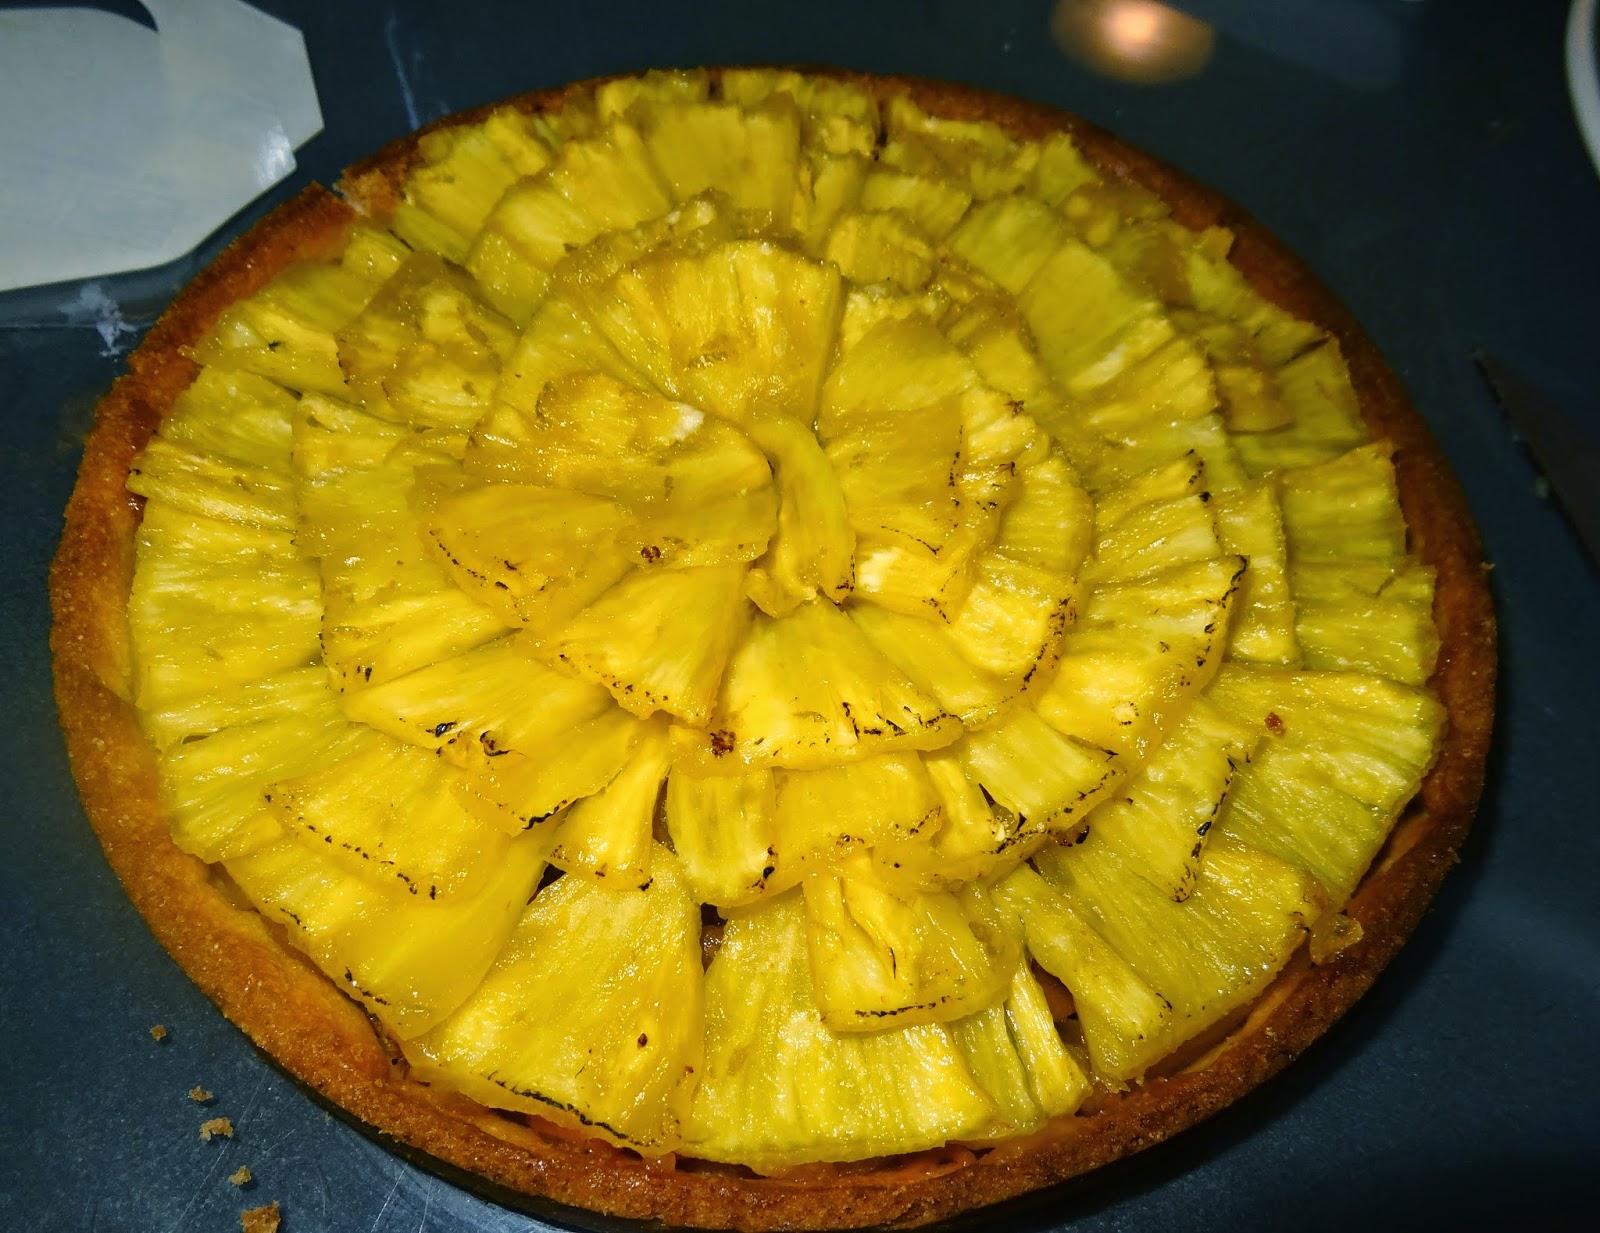 En déclinaison de la tarte amadine à l\u0027ananas que j\u0027ai réalisé en TP, voici  ma version allégée de la tarte mangue,ananas de Philippe Conticcini.